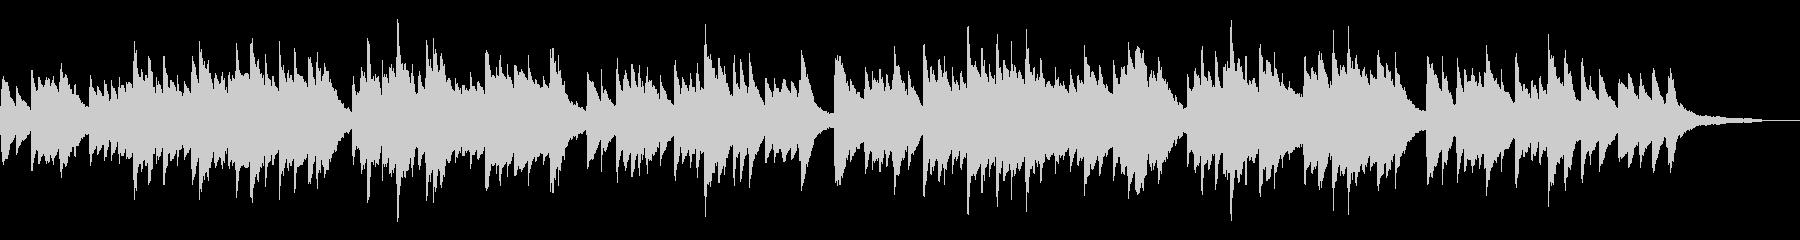 古歌「さくらさくら」シンプルなピアノソロの未再生の波形